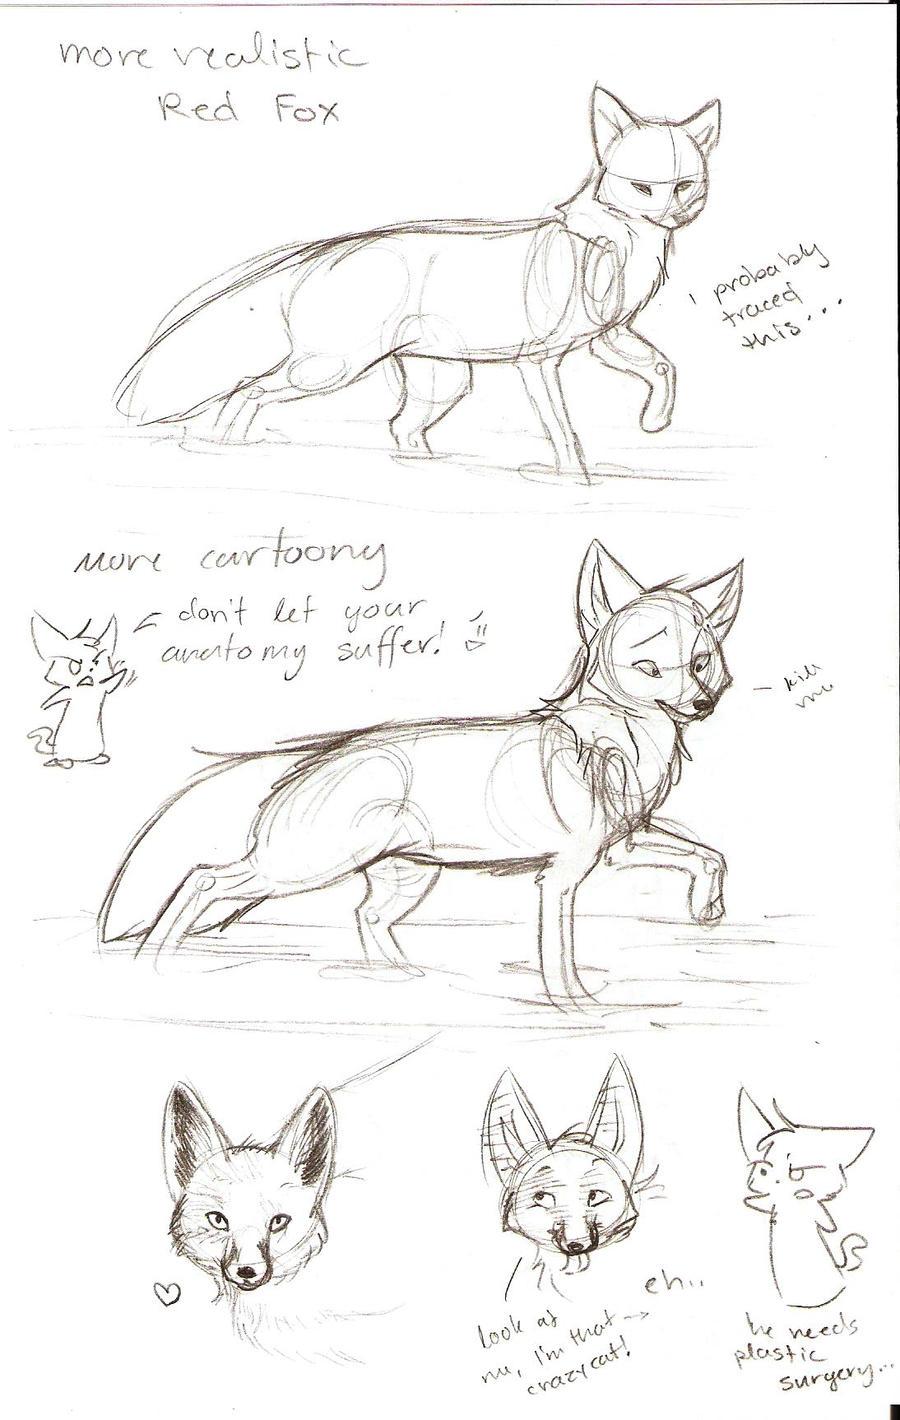 Tutorial Sketch: Fox 2 by Joava on DeviantArt